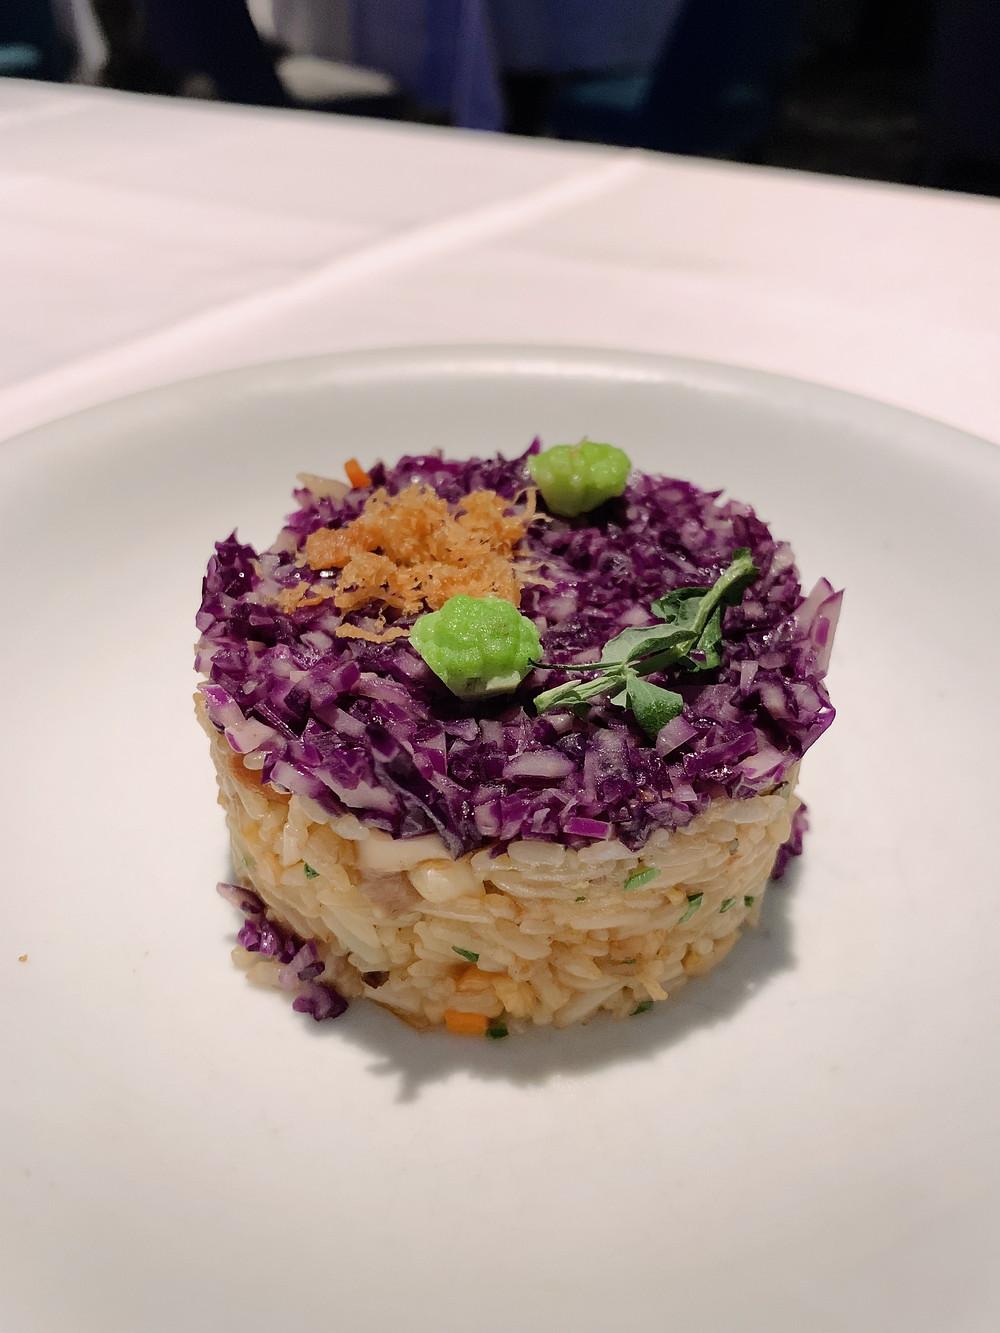 Food at Neptune's Restaurant at Ocean Park in Hong Kong